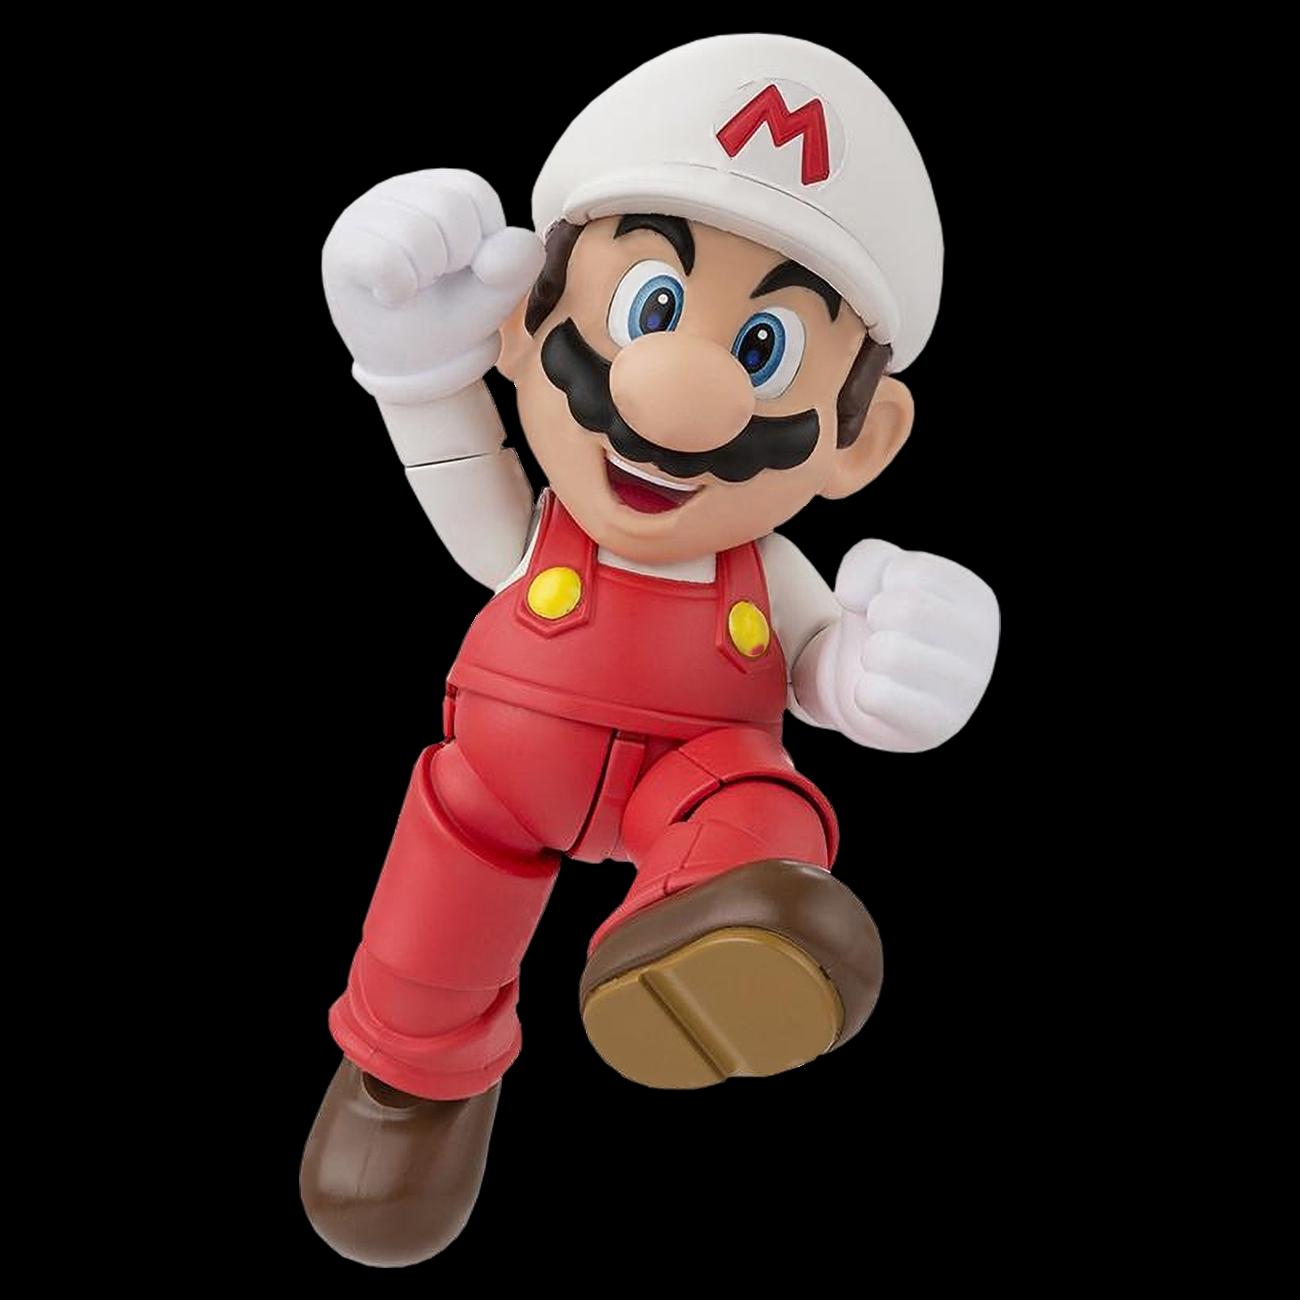 Super Mario Bross - S.H. Figuarts Fire - Bandai